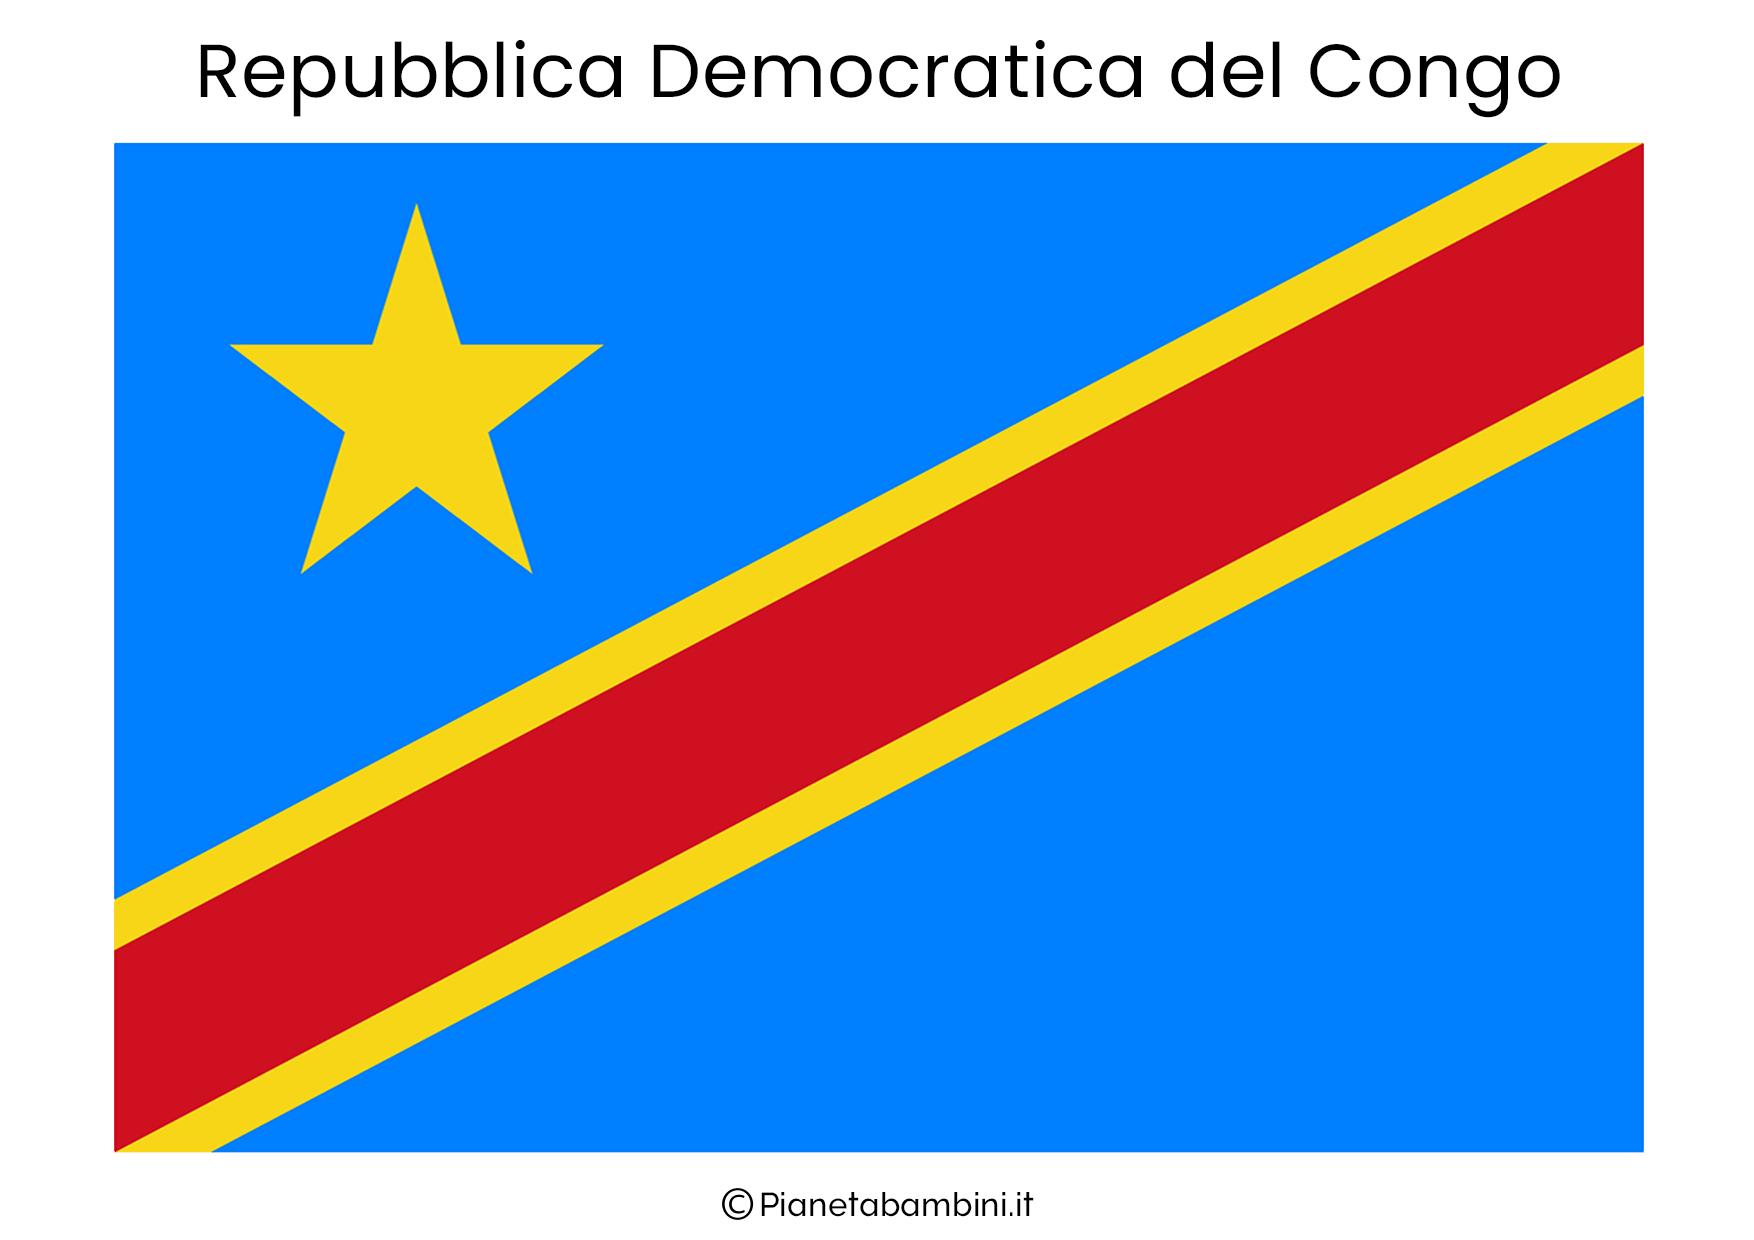 Bandiera della Repubblica Democratica Congo da stampare